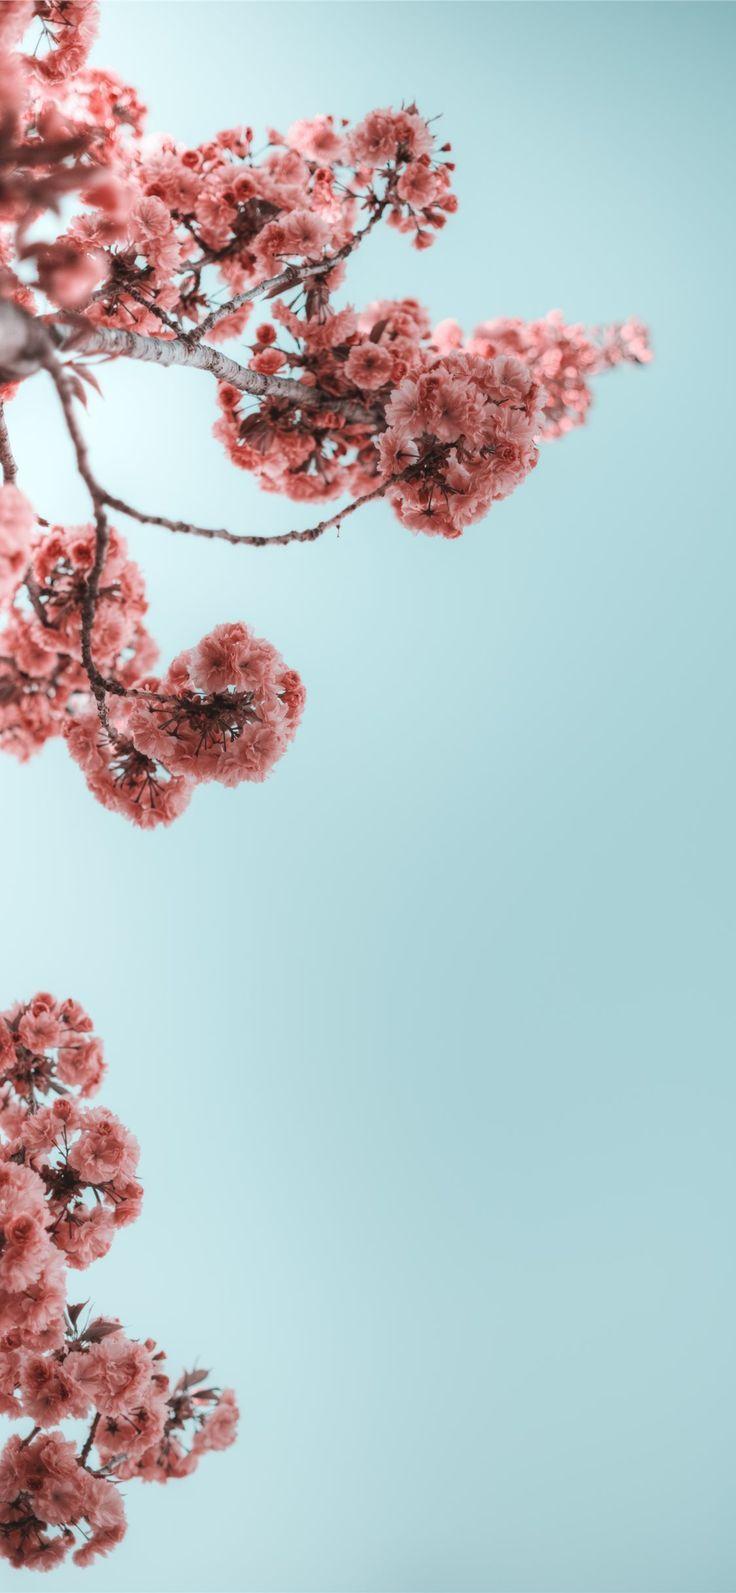 Iphone 11 Wallpaper Vintage In 2020 Flower Iphone Wallpaper Wallpaper Iphone Summer Cute Flower Wallpapers